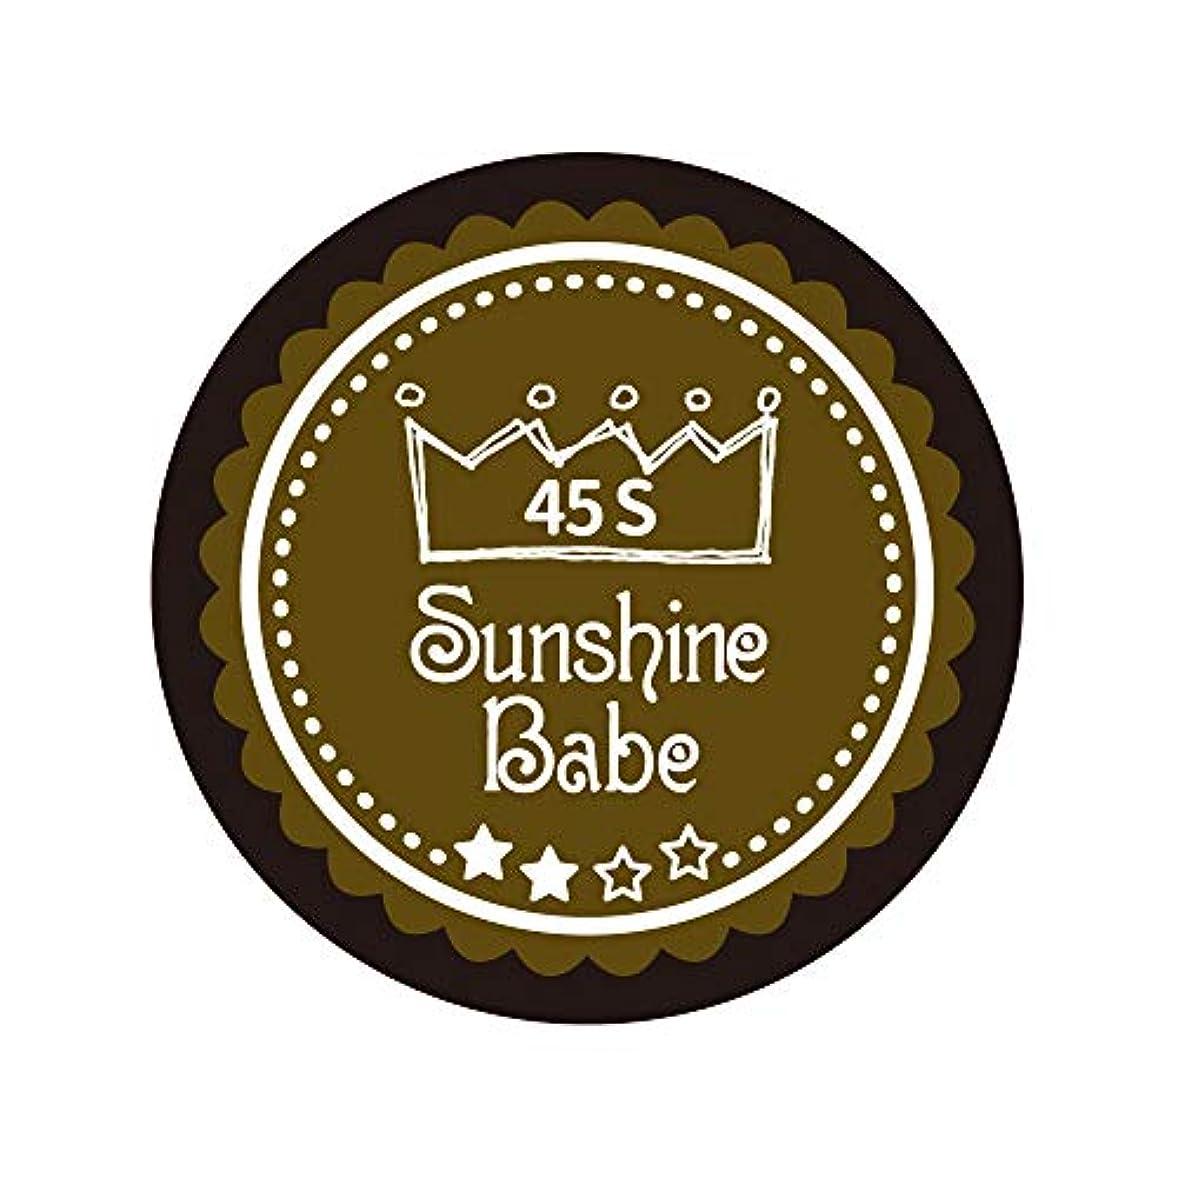 掃く安全な中間Sunshine Babe カラージェル 45S マティーニオリーブ 2.7g UV/LED対応